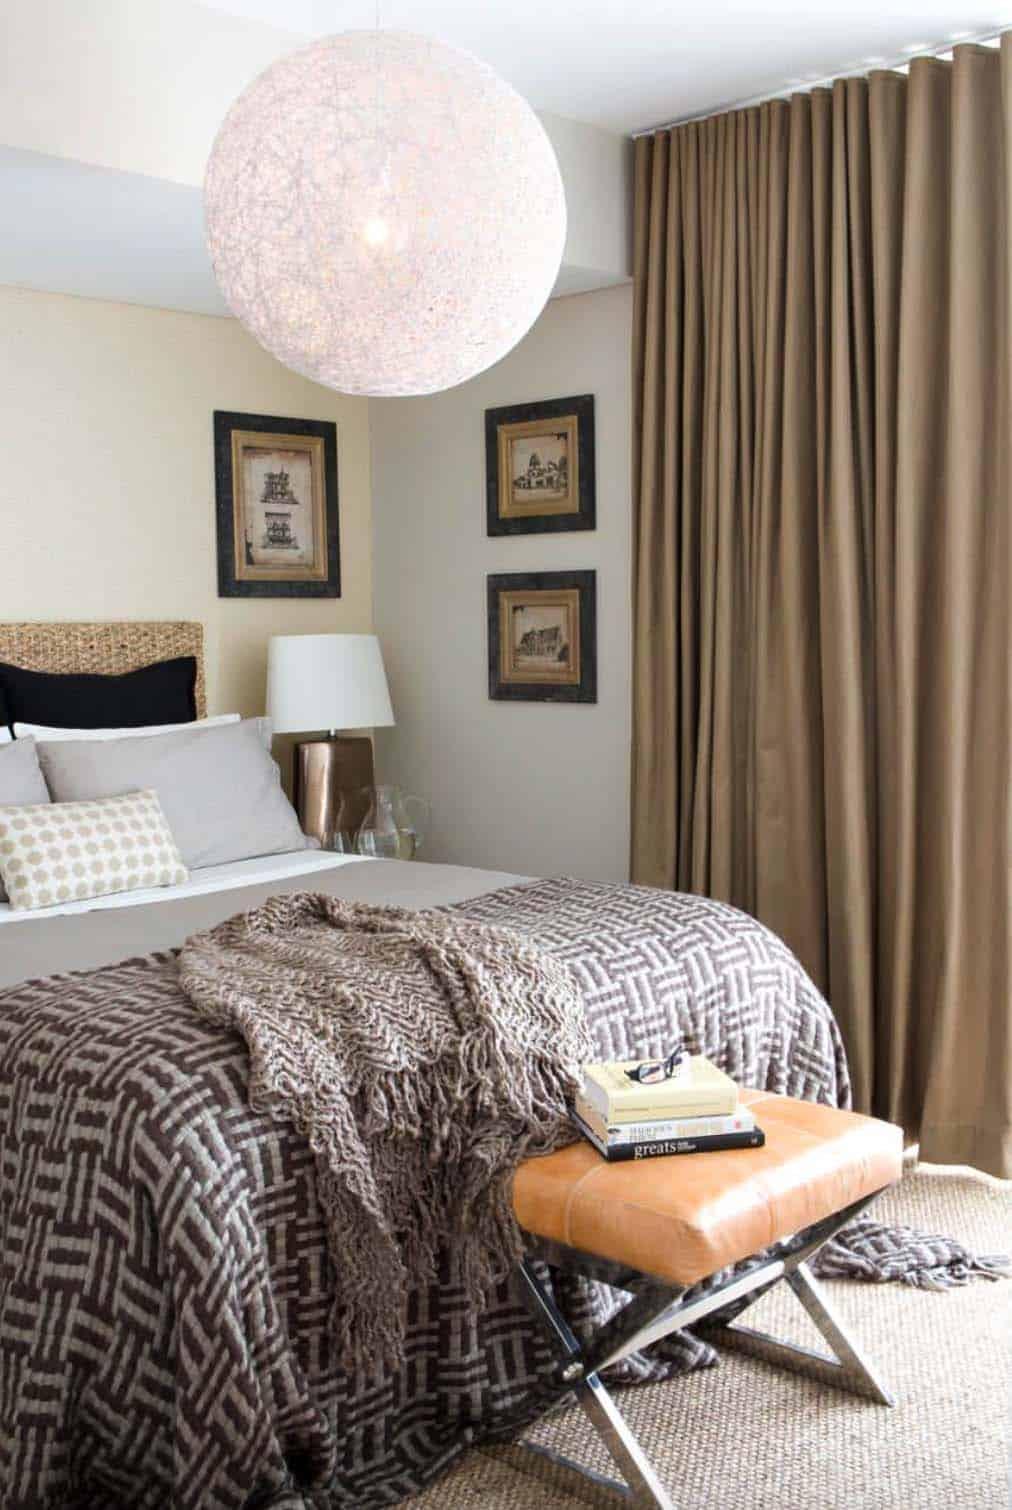 30+ Small yet amazingly cozy master bedroom retreats on Small Bedroom Ideas  id=19983